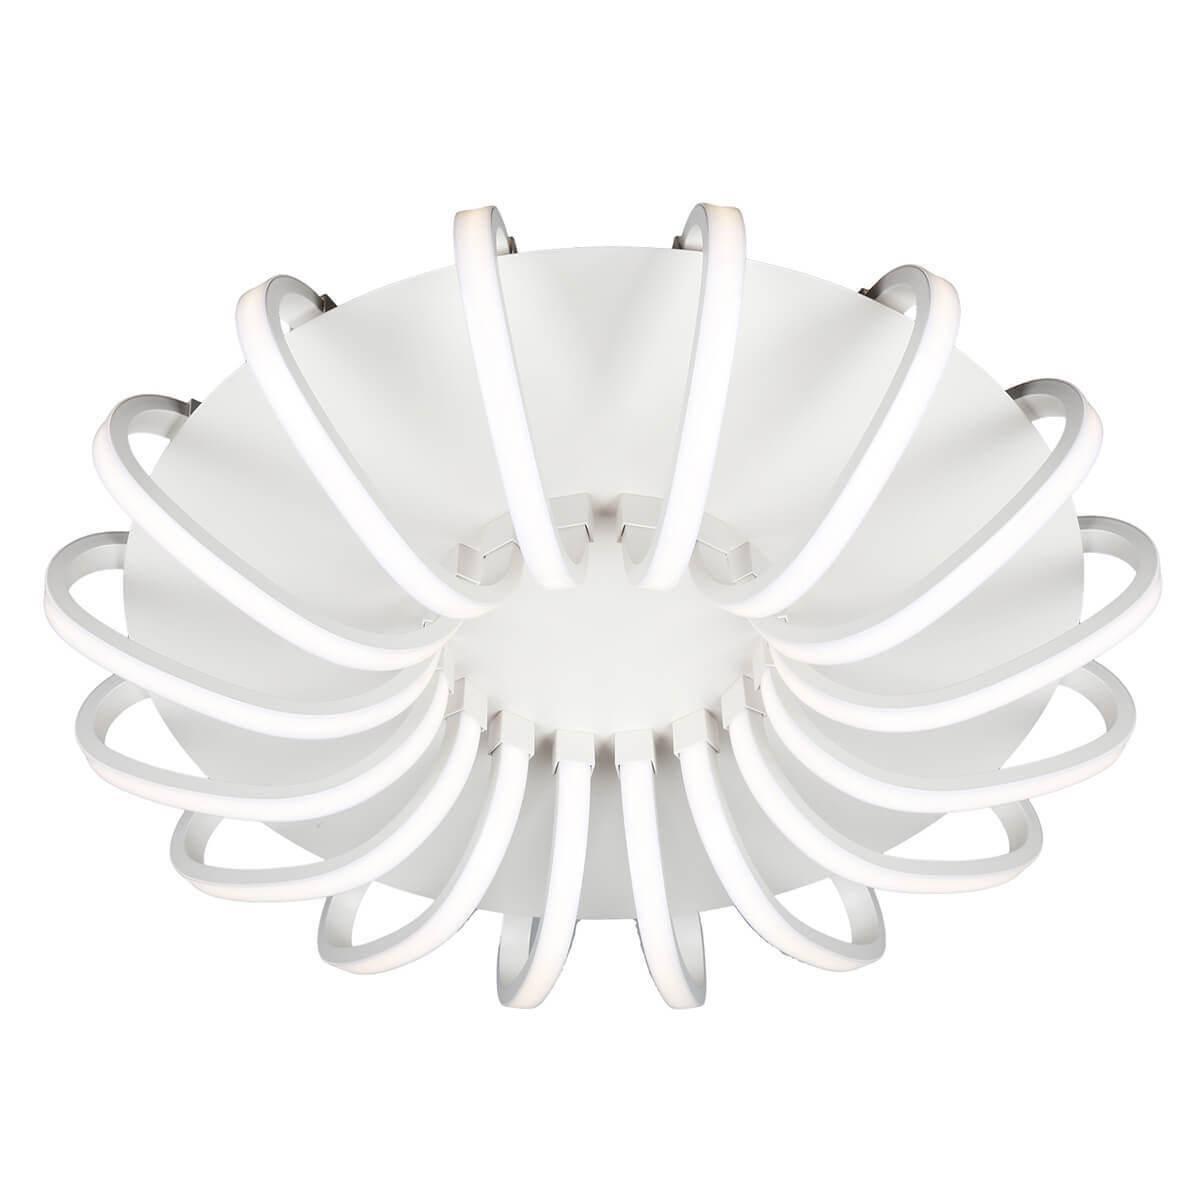 Потолочная светодиодная люстра Omnilux OML-48107-112